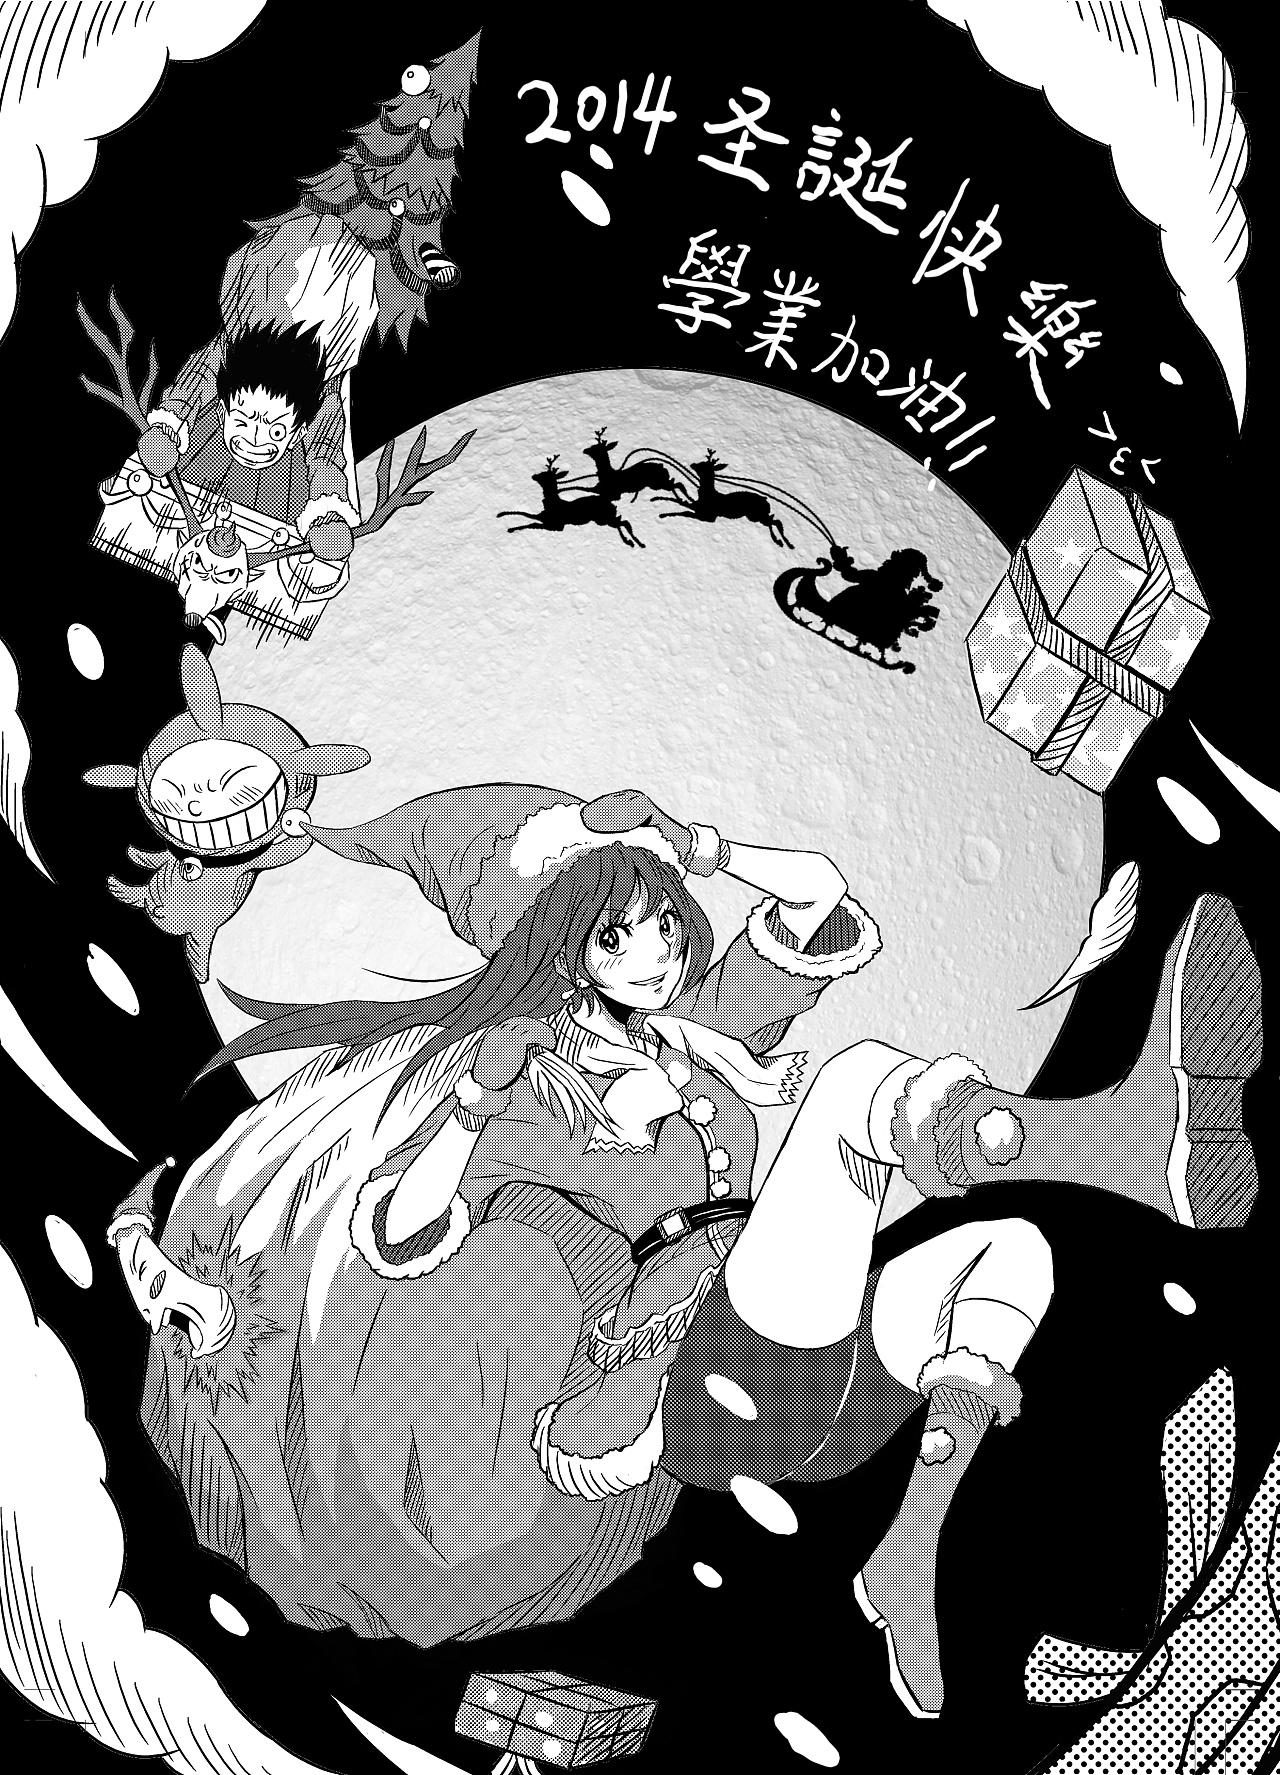 去年过节画的几张送朋友的贺图~用纯黑白漫画形式表现图片